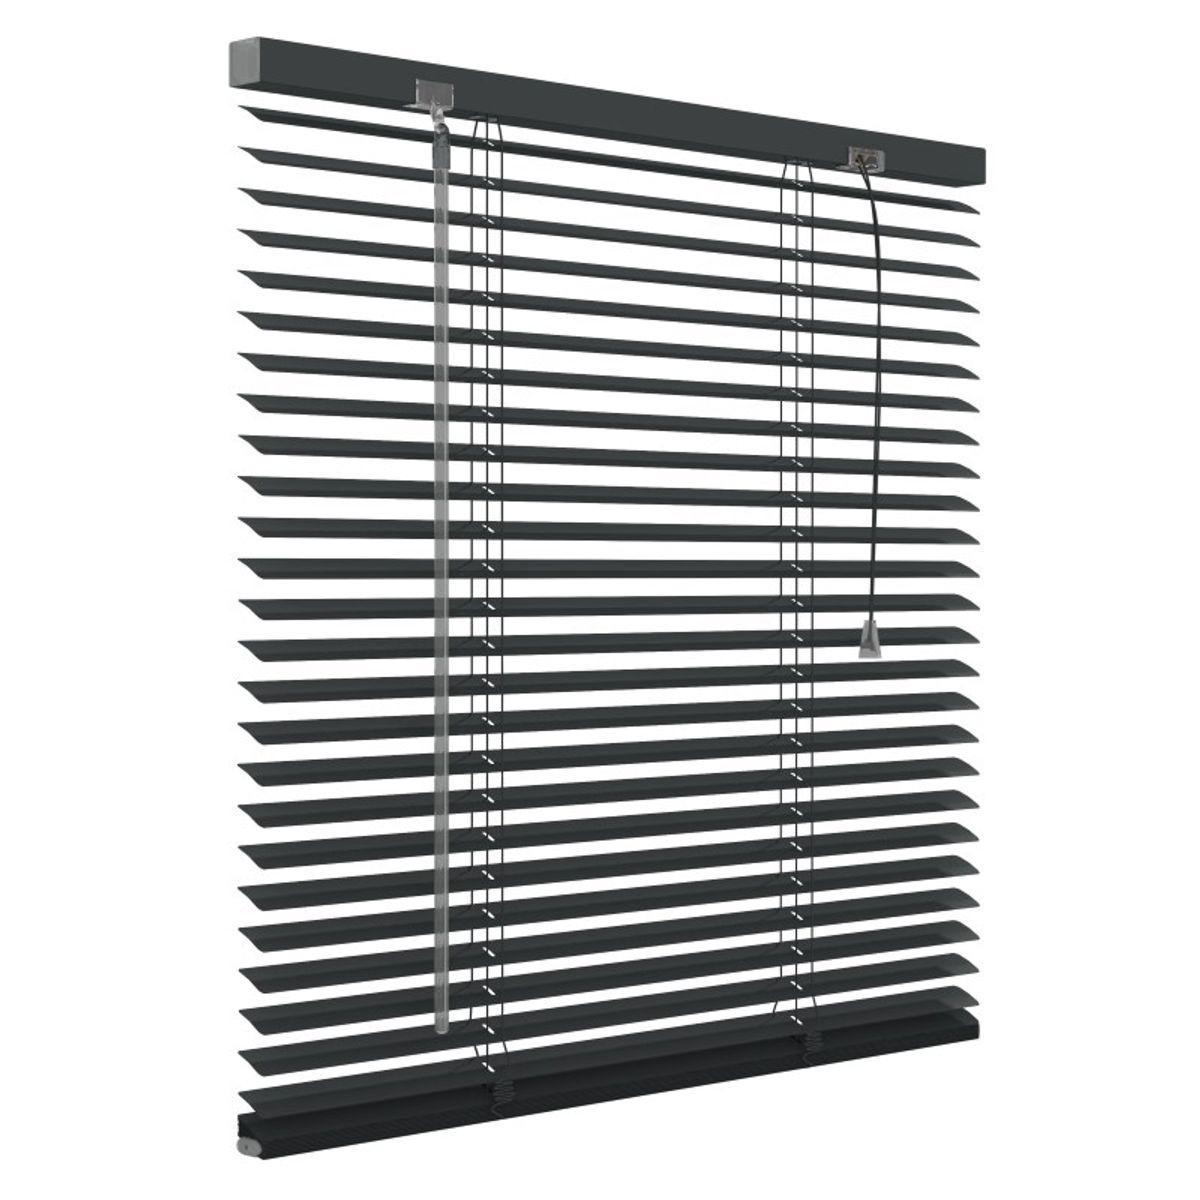 Aluminium jaloezie 25mm - Antraciet - 60cm x 180cm